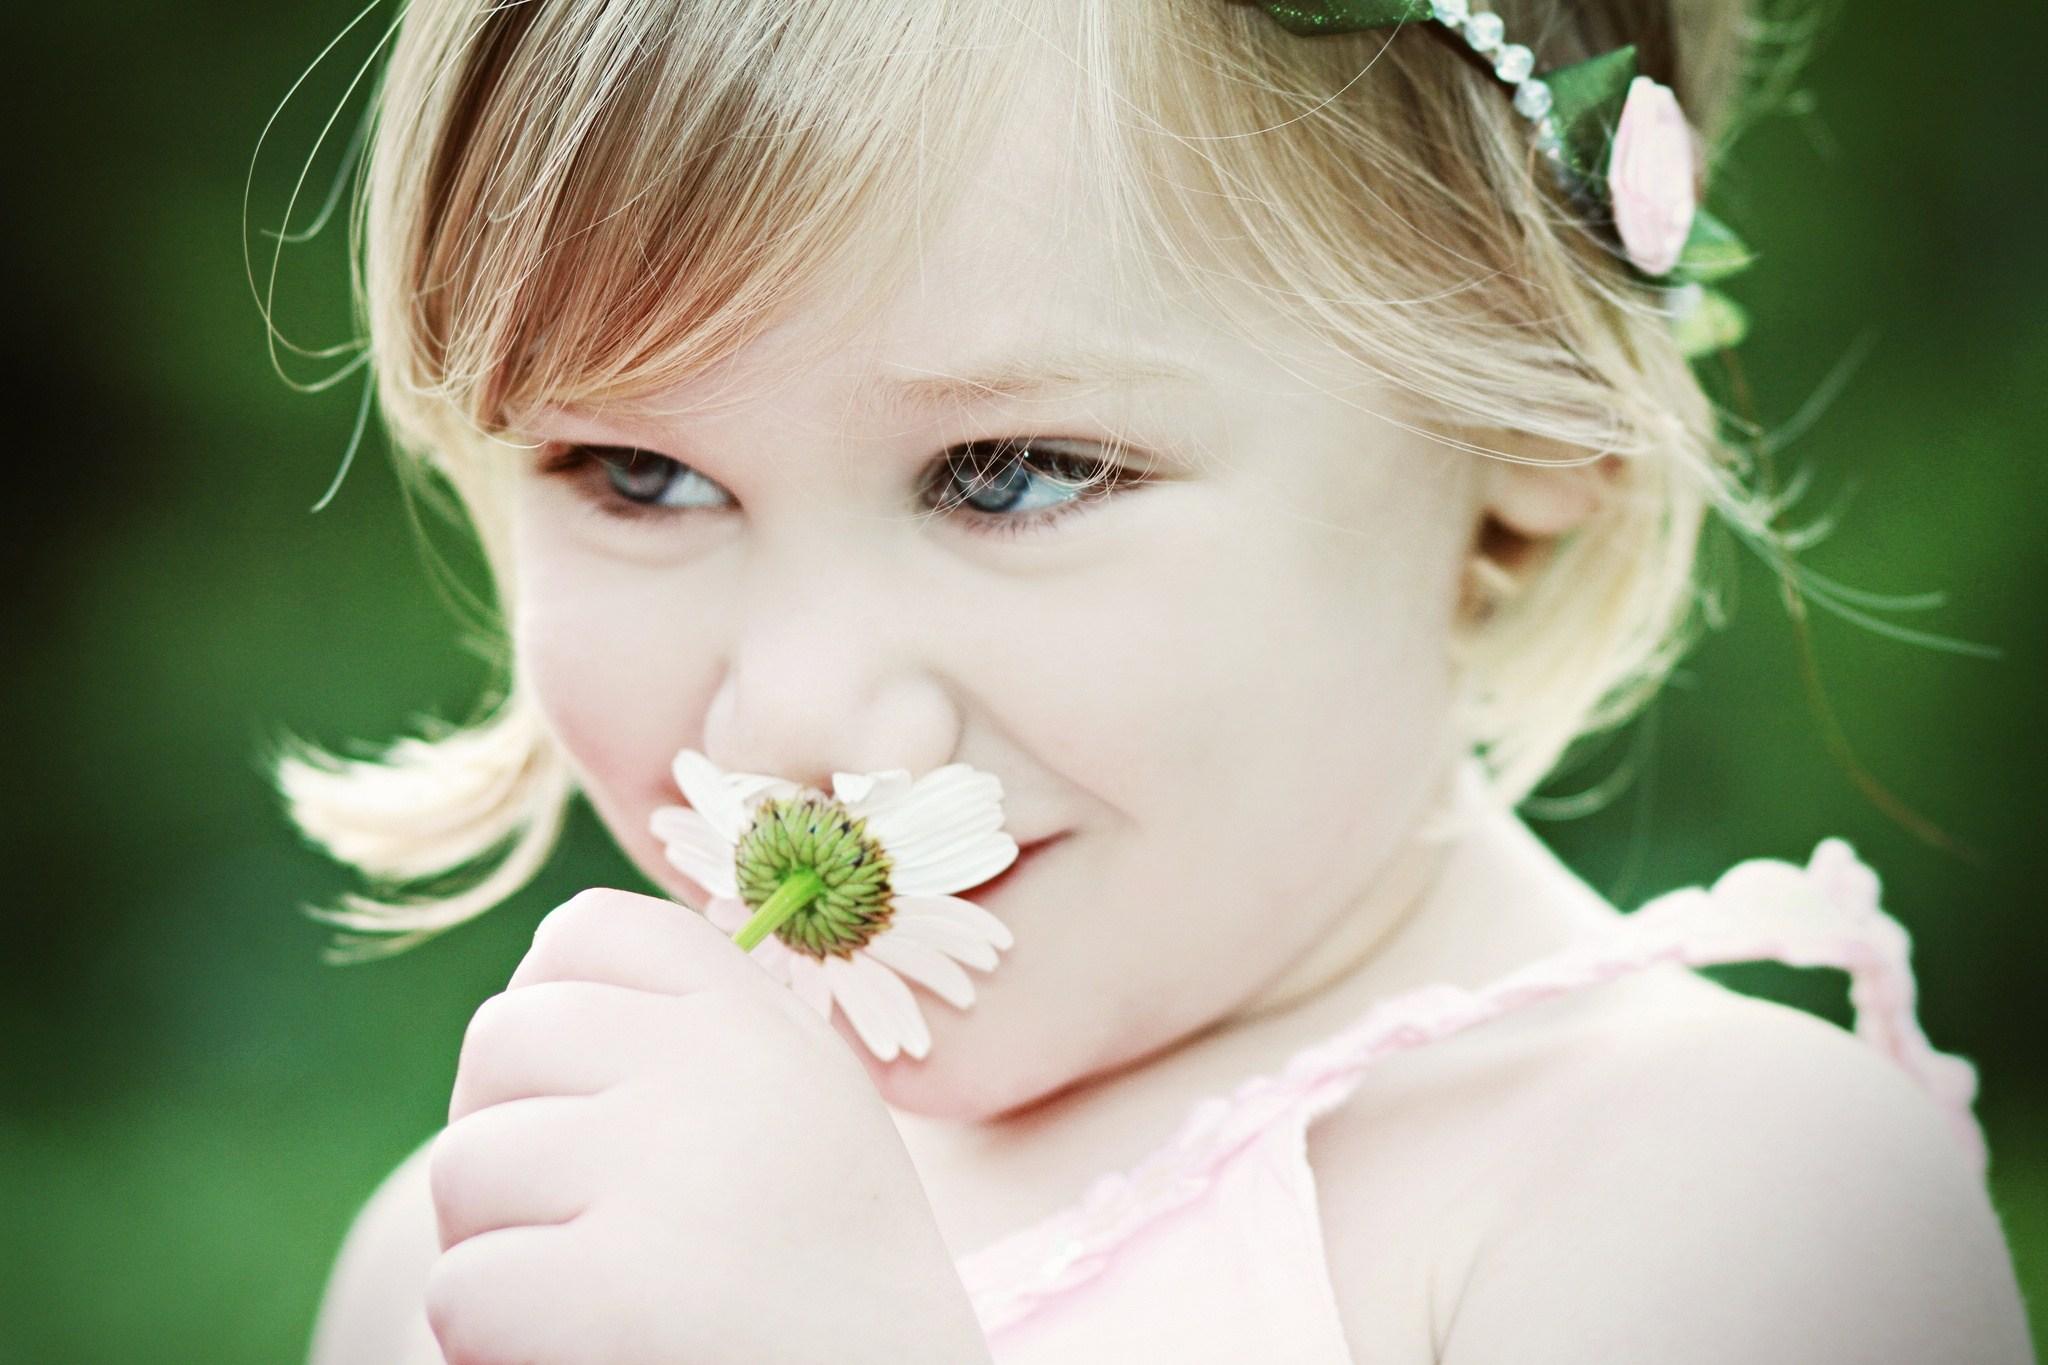 картинка цветы улыбаются технологии позволяют любому